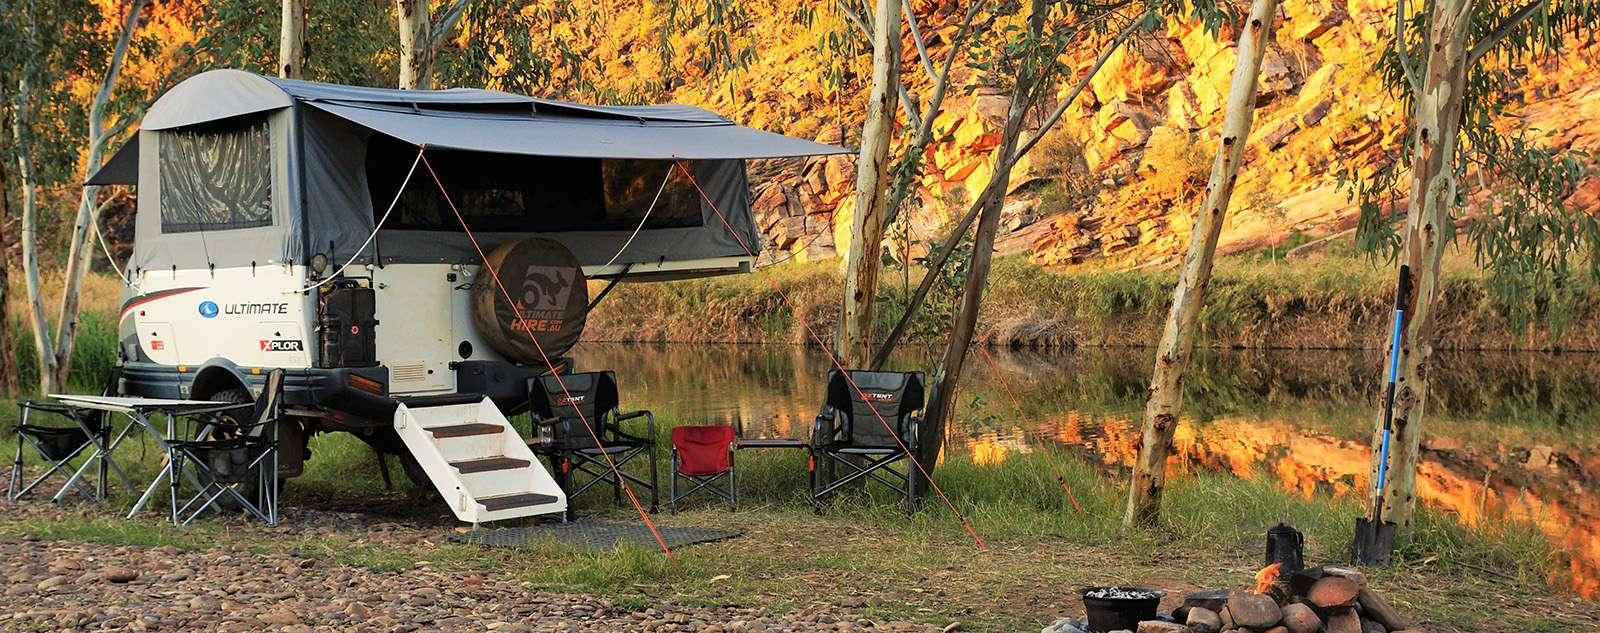 Hire Camper Trailer